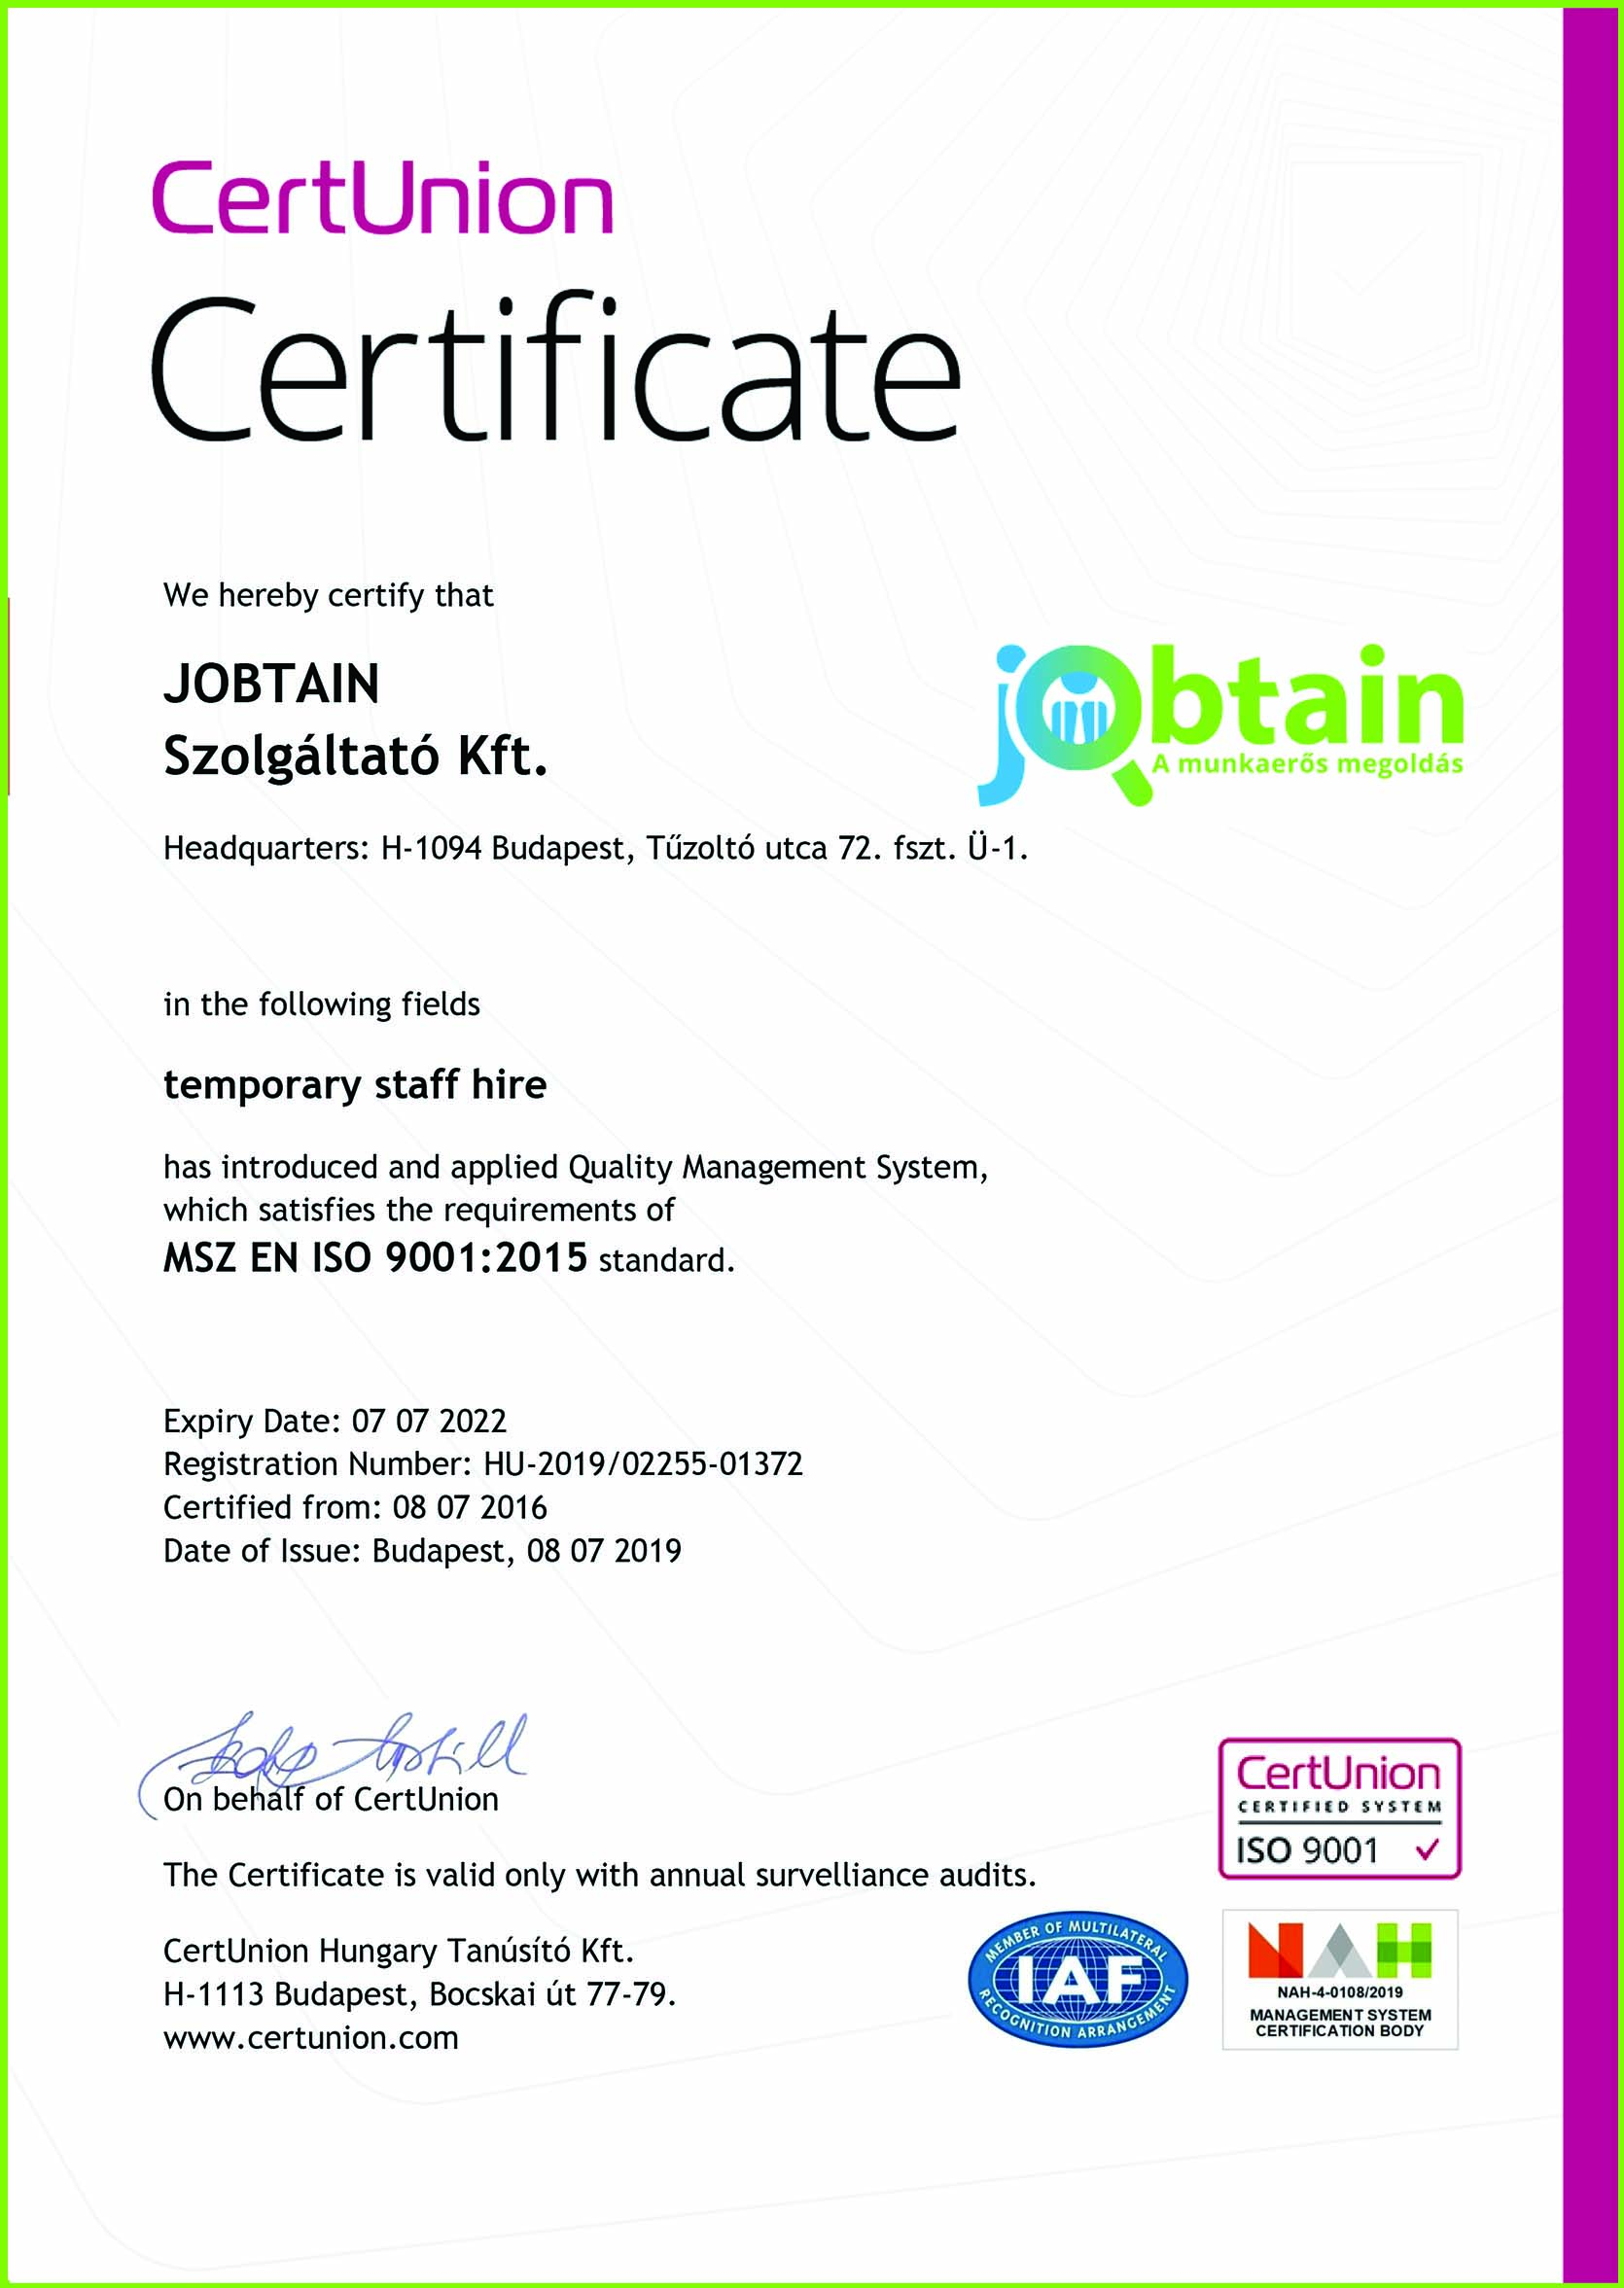 Certunion Certificate Jobtain